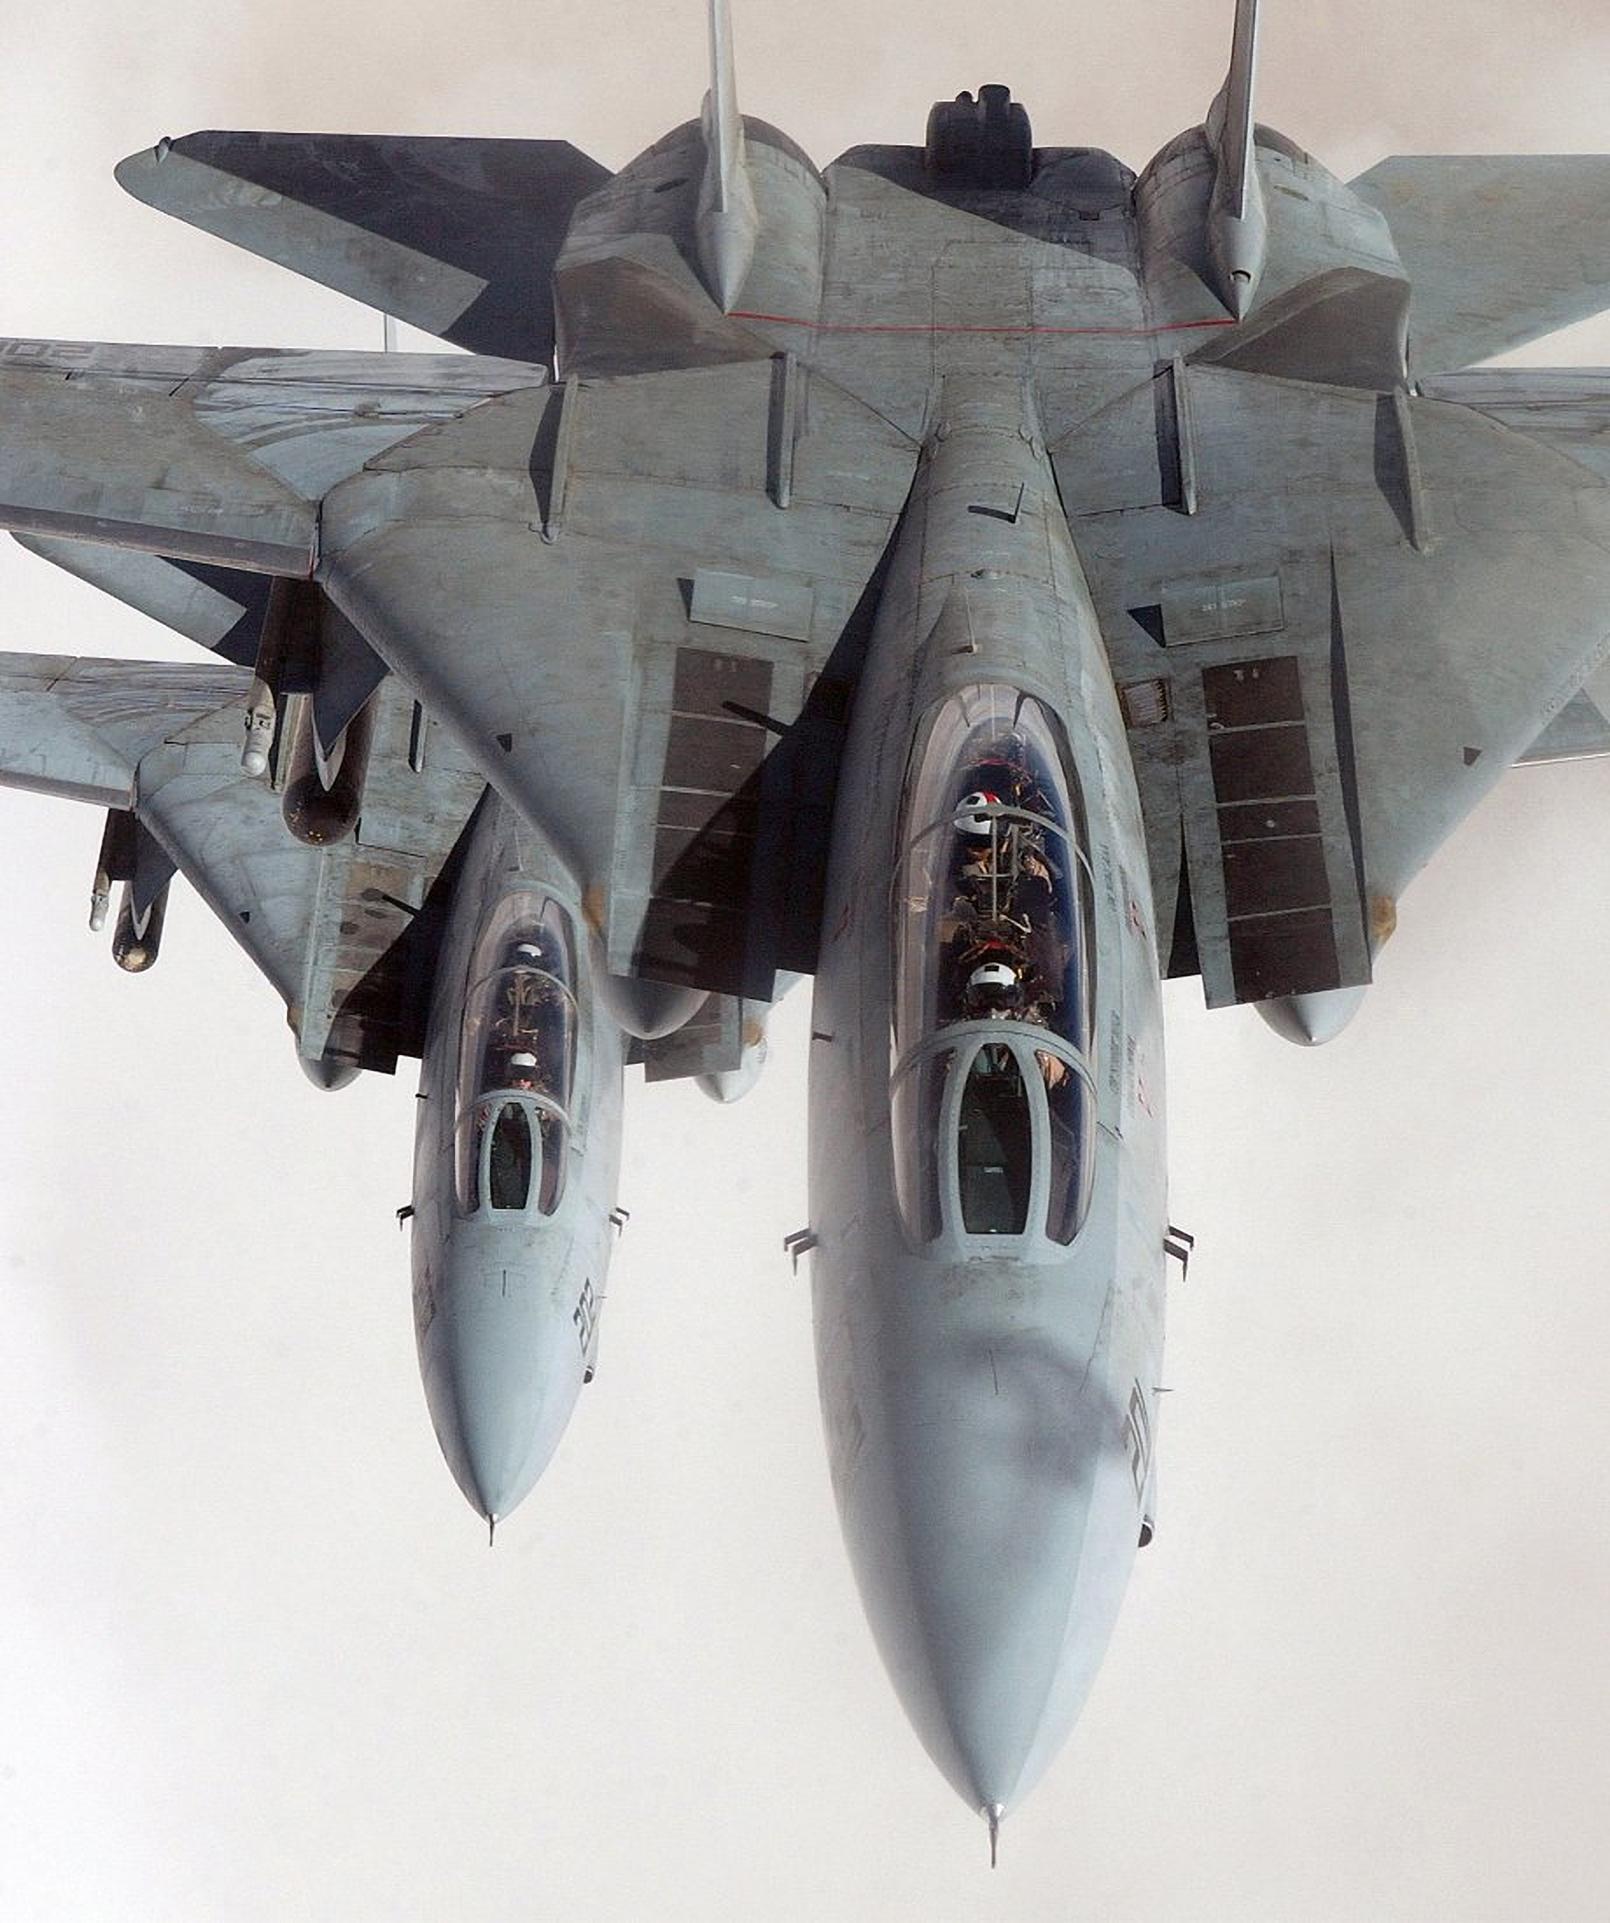 Aereo Da Caccia F15 : Sfondi visualizzazione verticale veicolo aereo aerei